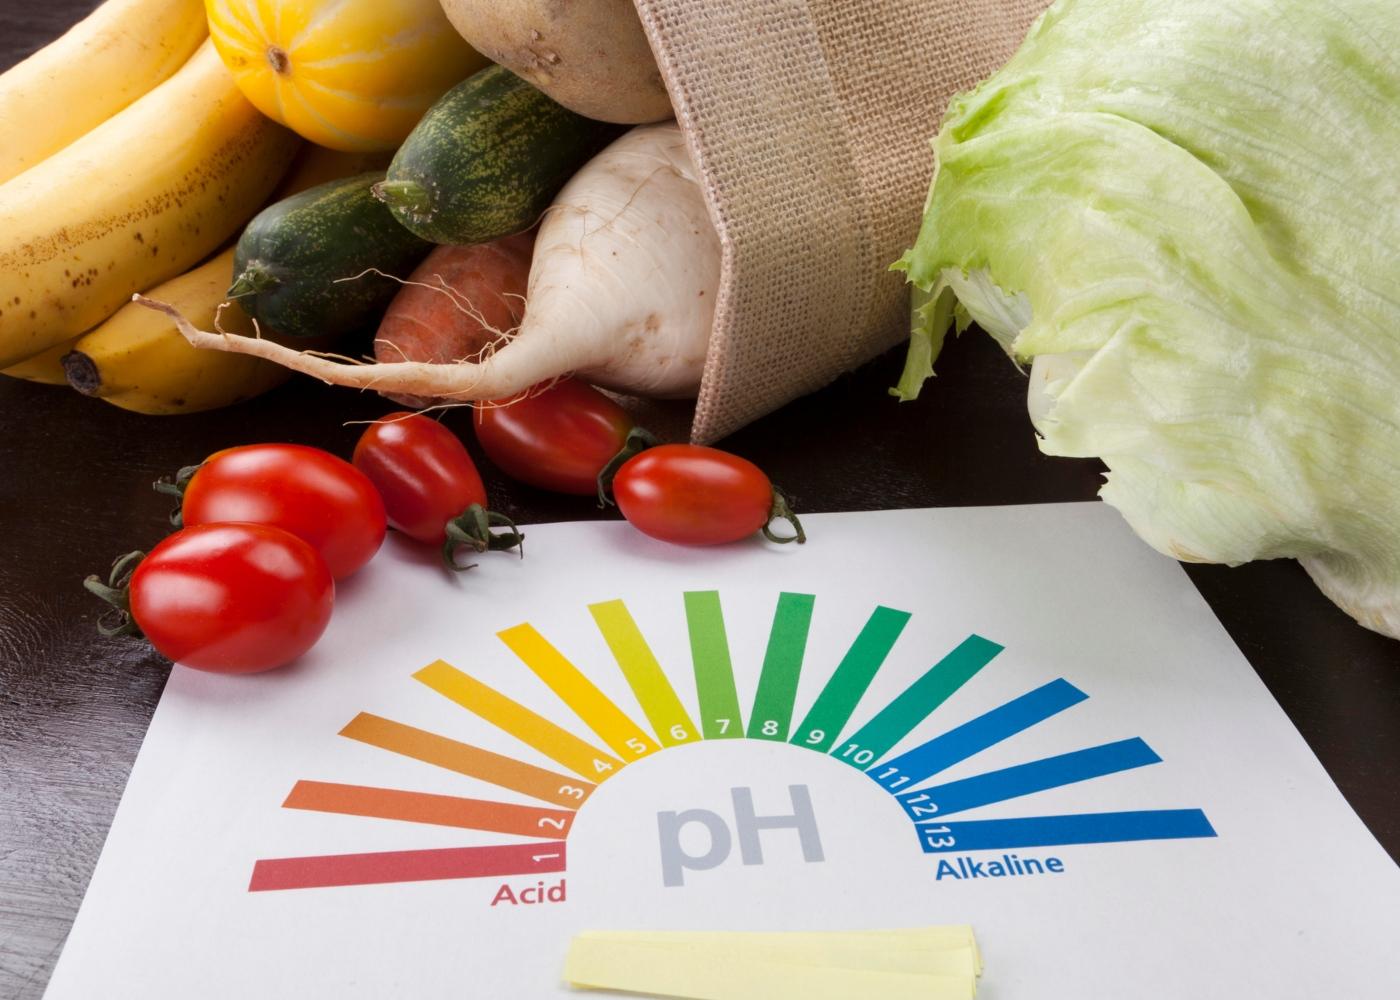 Dietas alcalinas e COVID-19: tabela com pH de alimentos